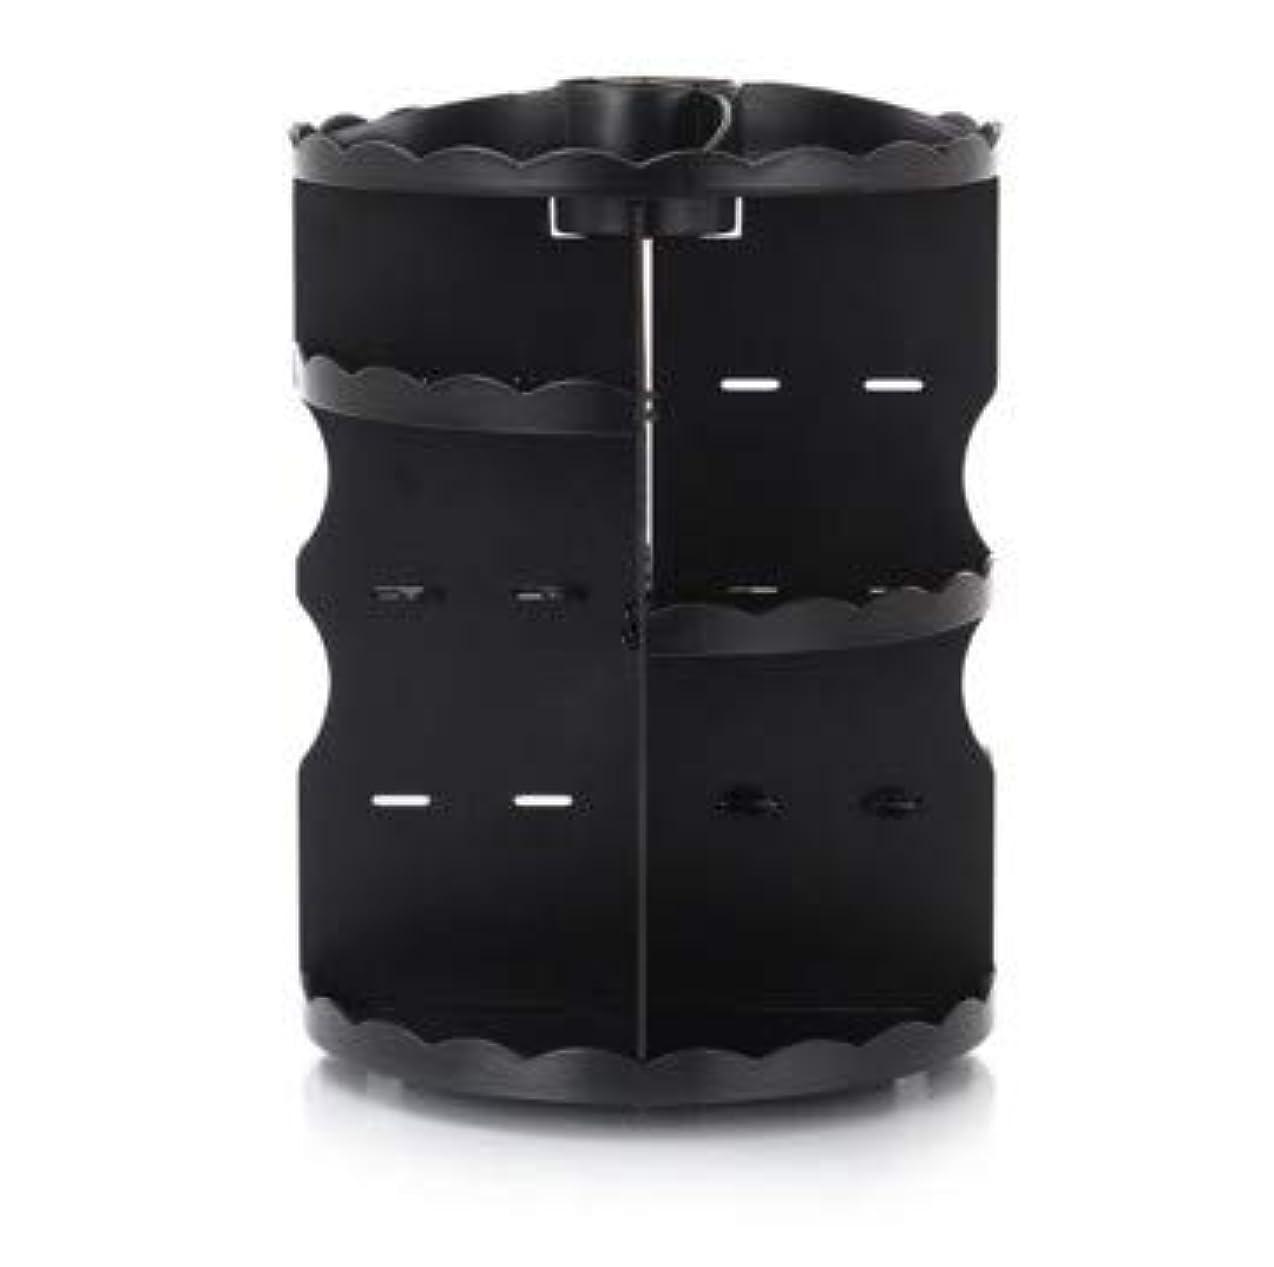 ビクター十億番号ラウンド卓上回転口紅フレーム透明アクリル化粧ケース浴室スキンケアプラスチック収納ボックス (Color : ブラック)